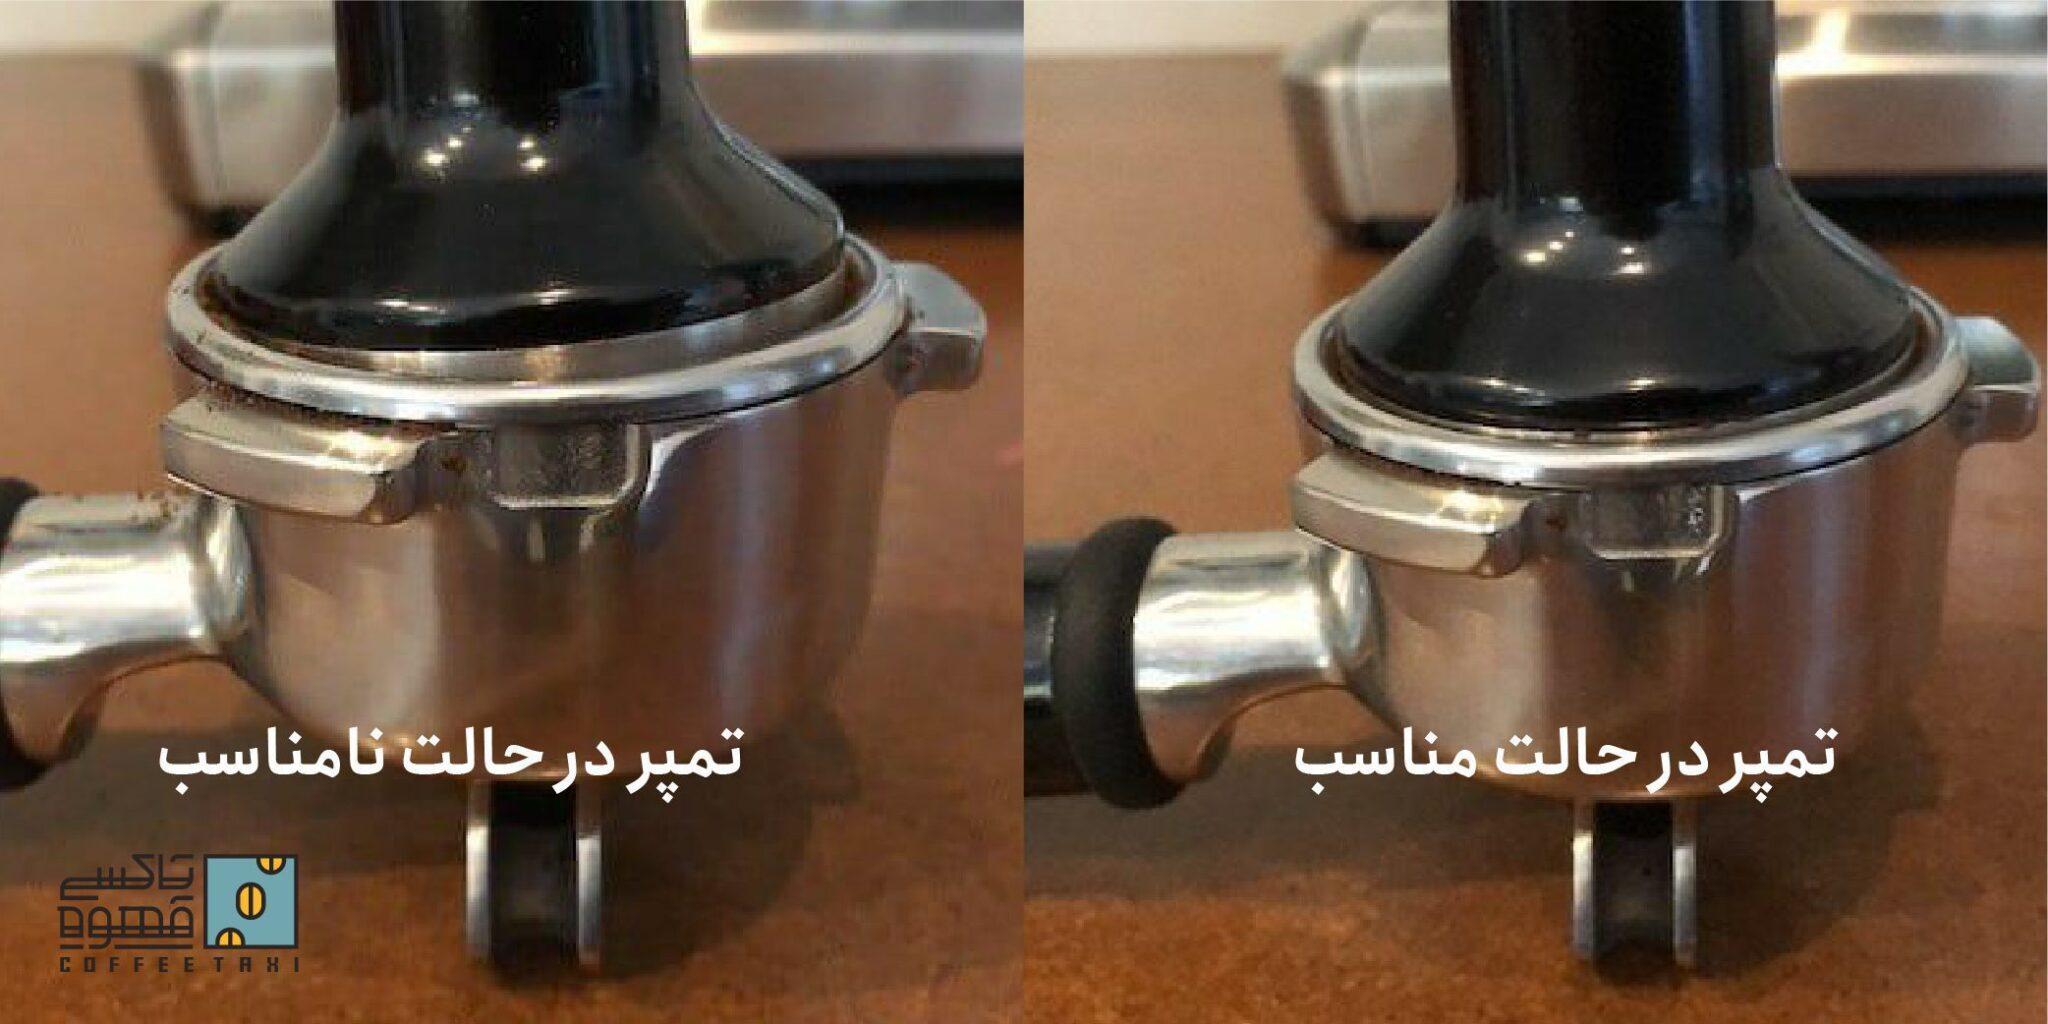 طرز تهیه قهوه اسپرسو با دستگاه خانگی مرحله چهارم